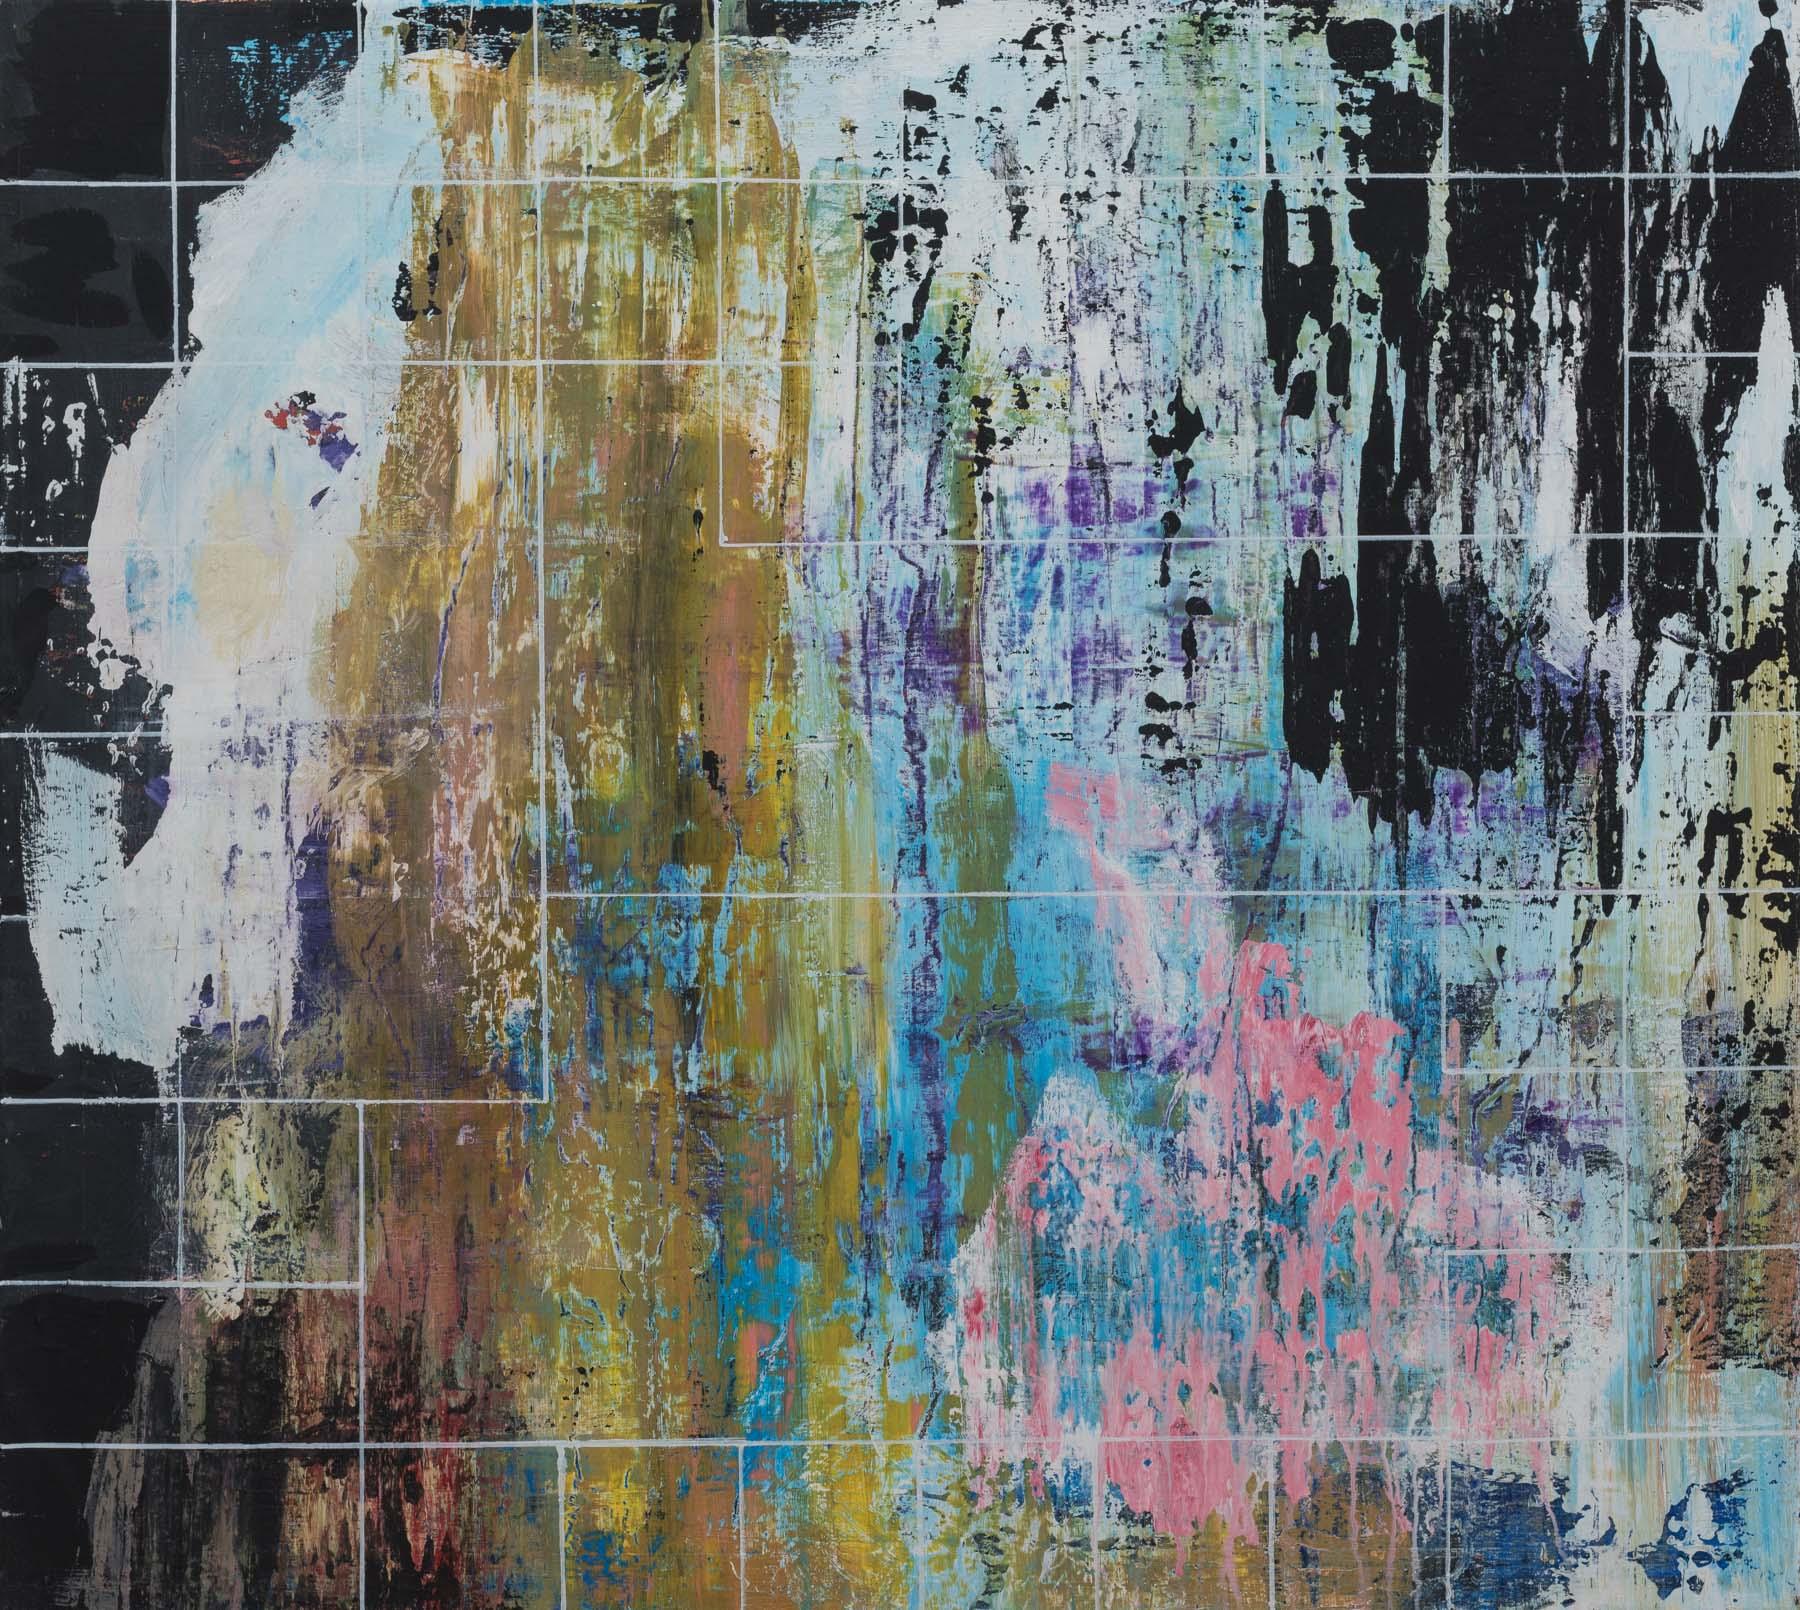 Kunstreproduktion für Künstler Niklas Jeroch, Berlin 2018